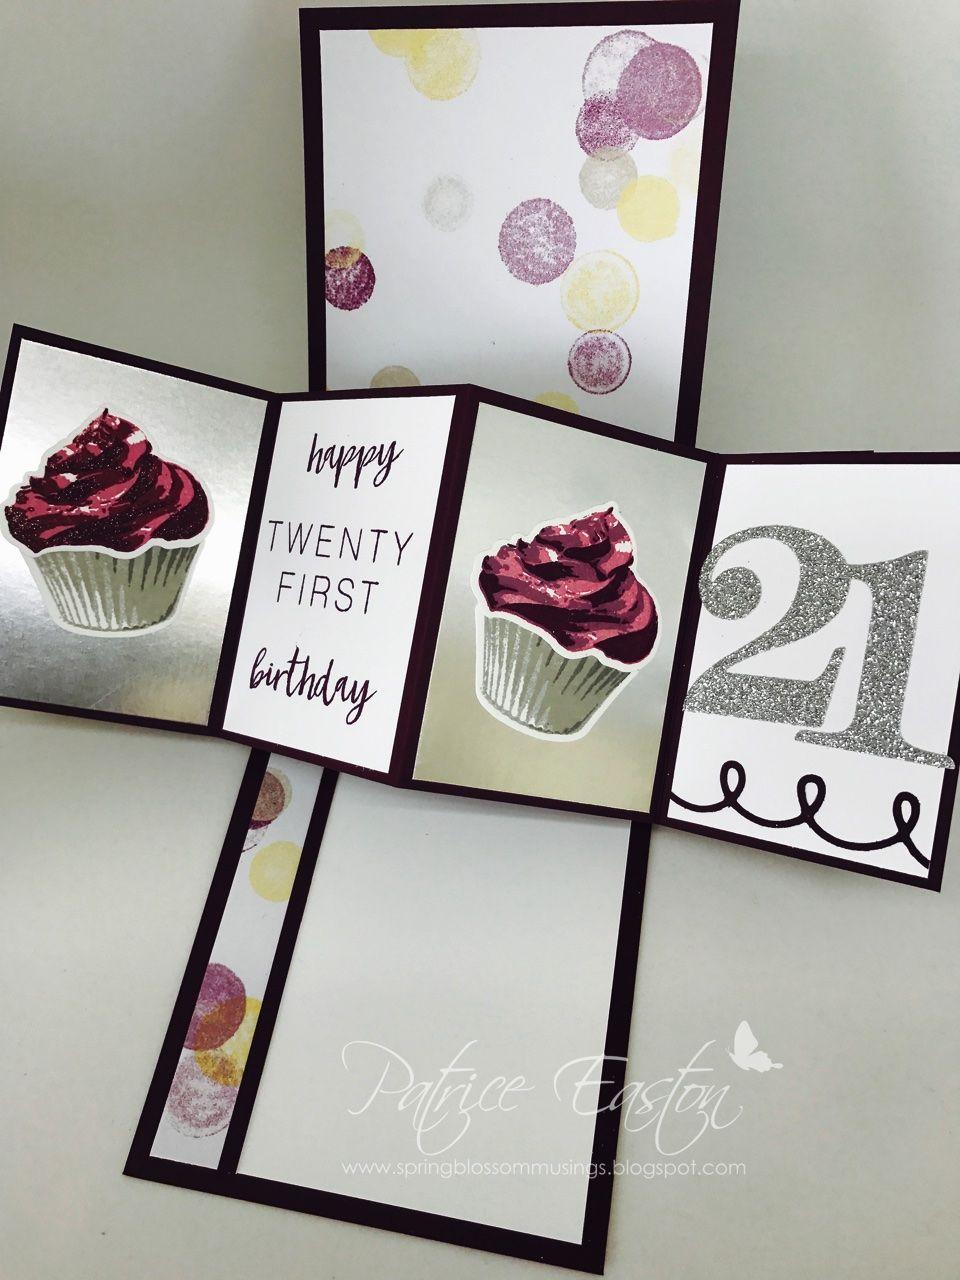 Twist Pop Stampin Up Birthday Spring Blossom Musings Twist Pop 21stbirthday Spri 21st Birthday Cards Diy 21st Birthday Cards Special Birthday Cards